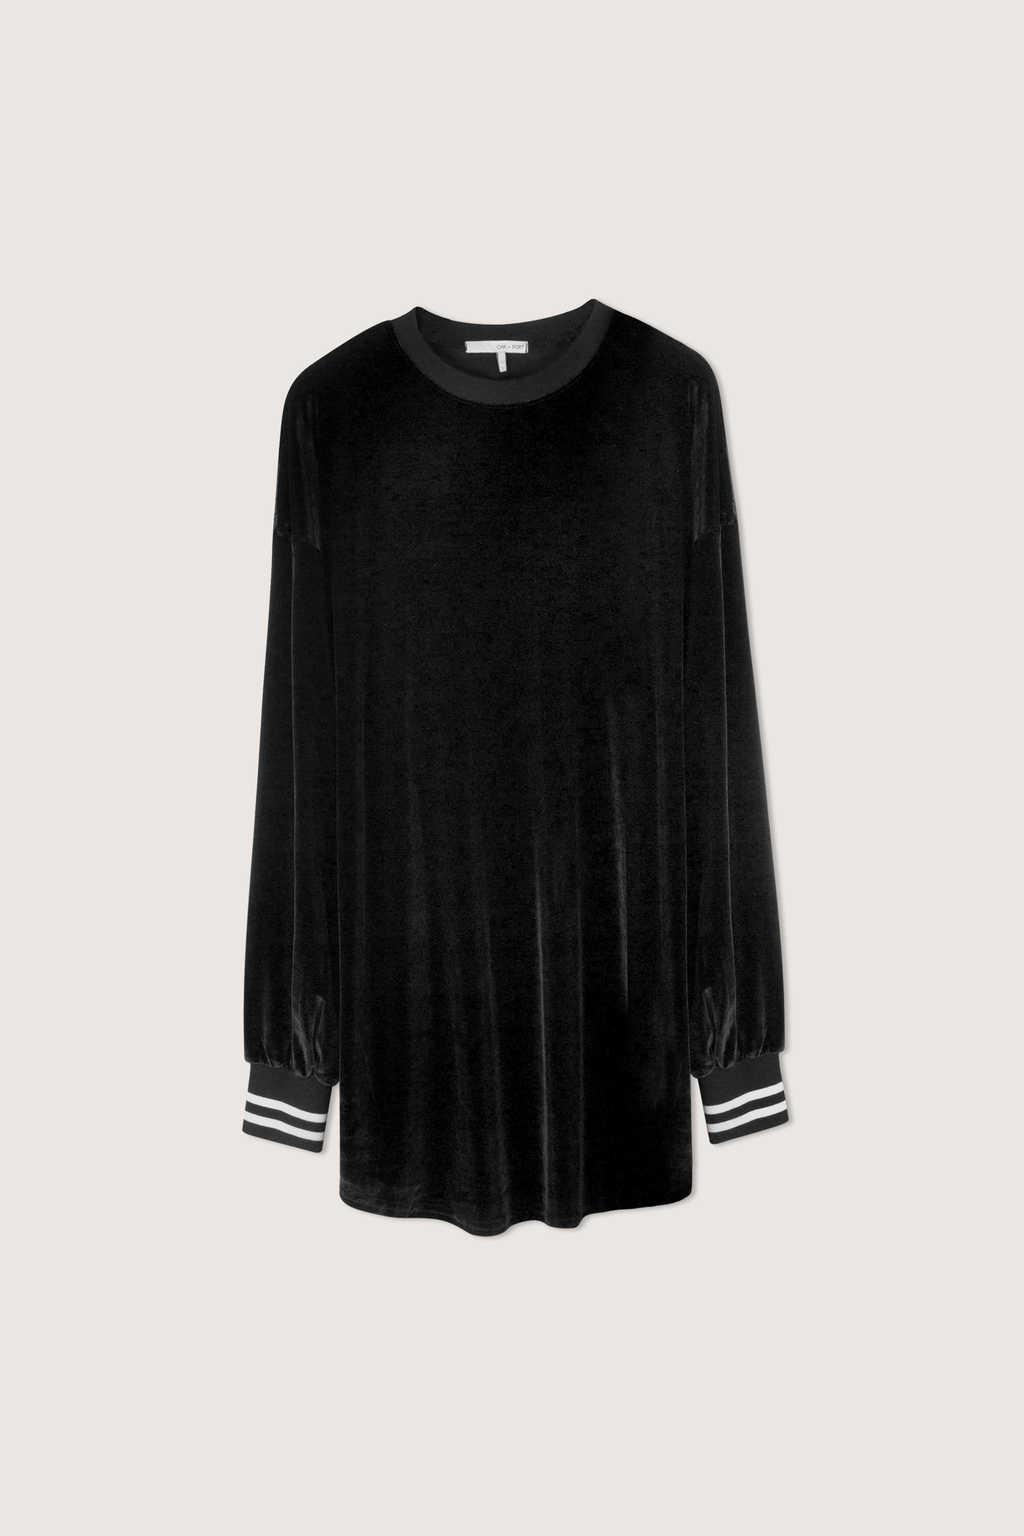 Tunic H048 Black 5